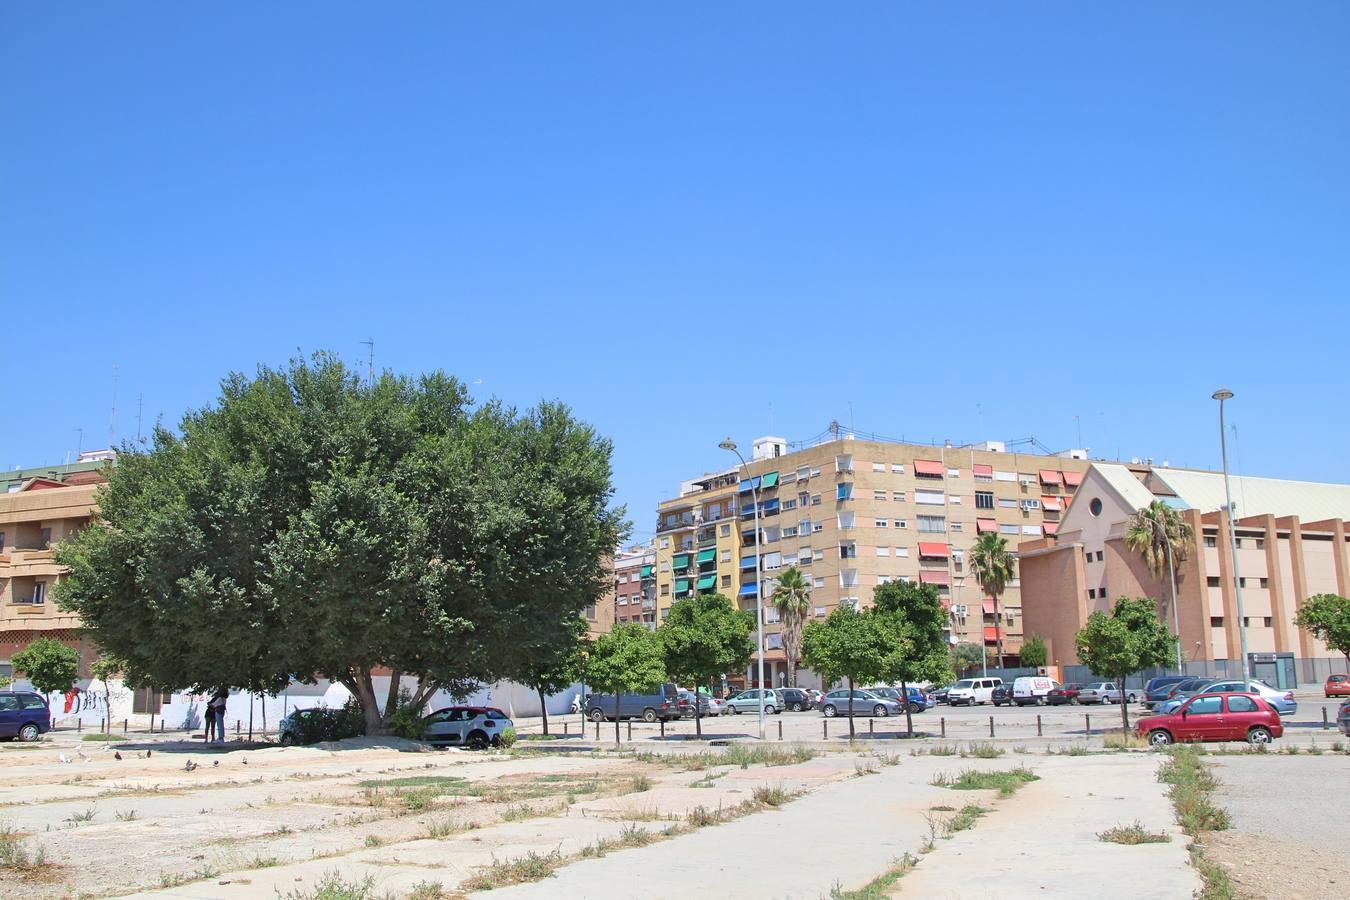 Fotos del barrio de Tendetes